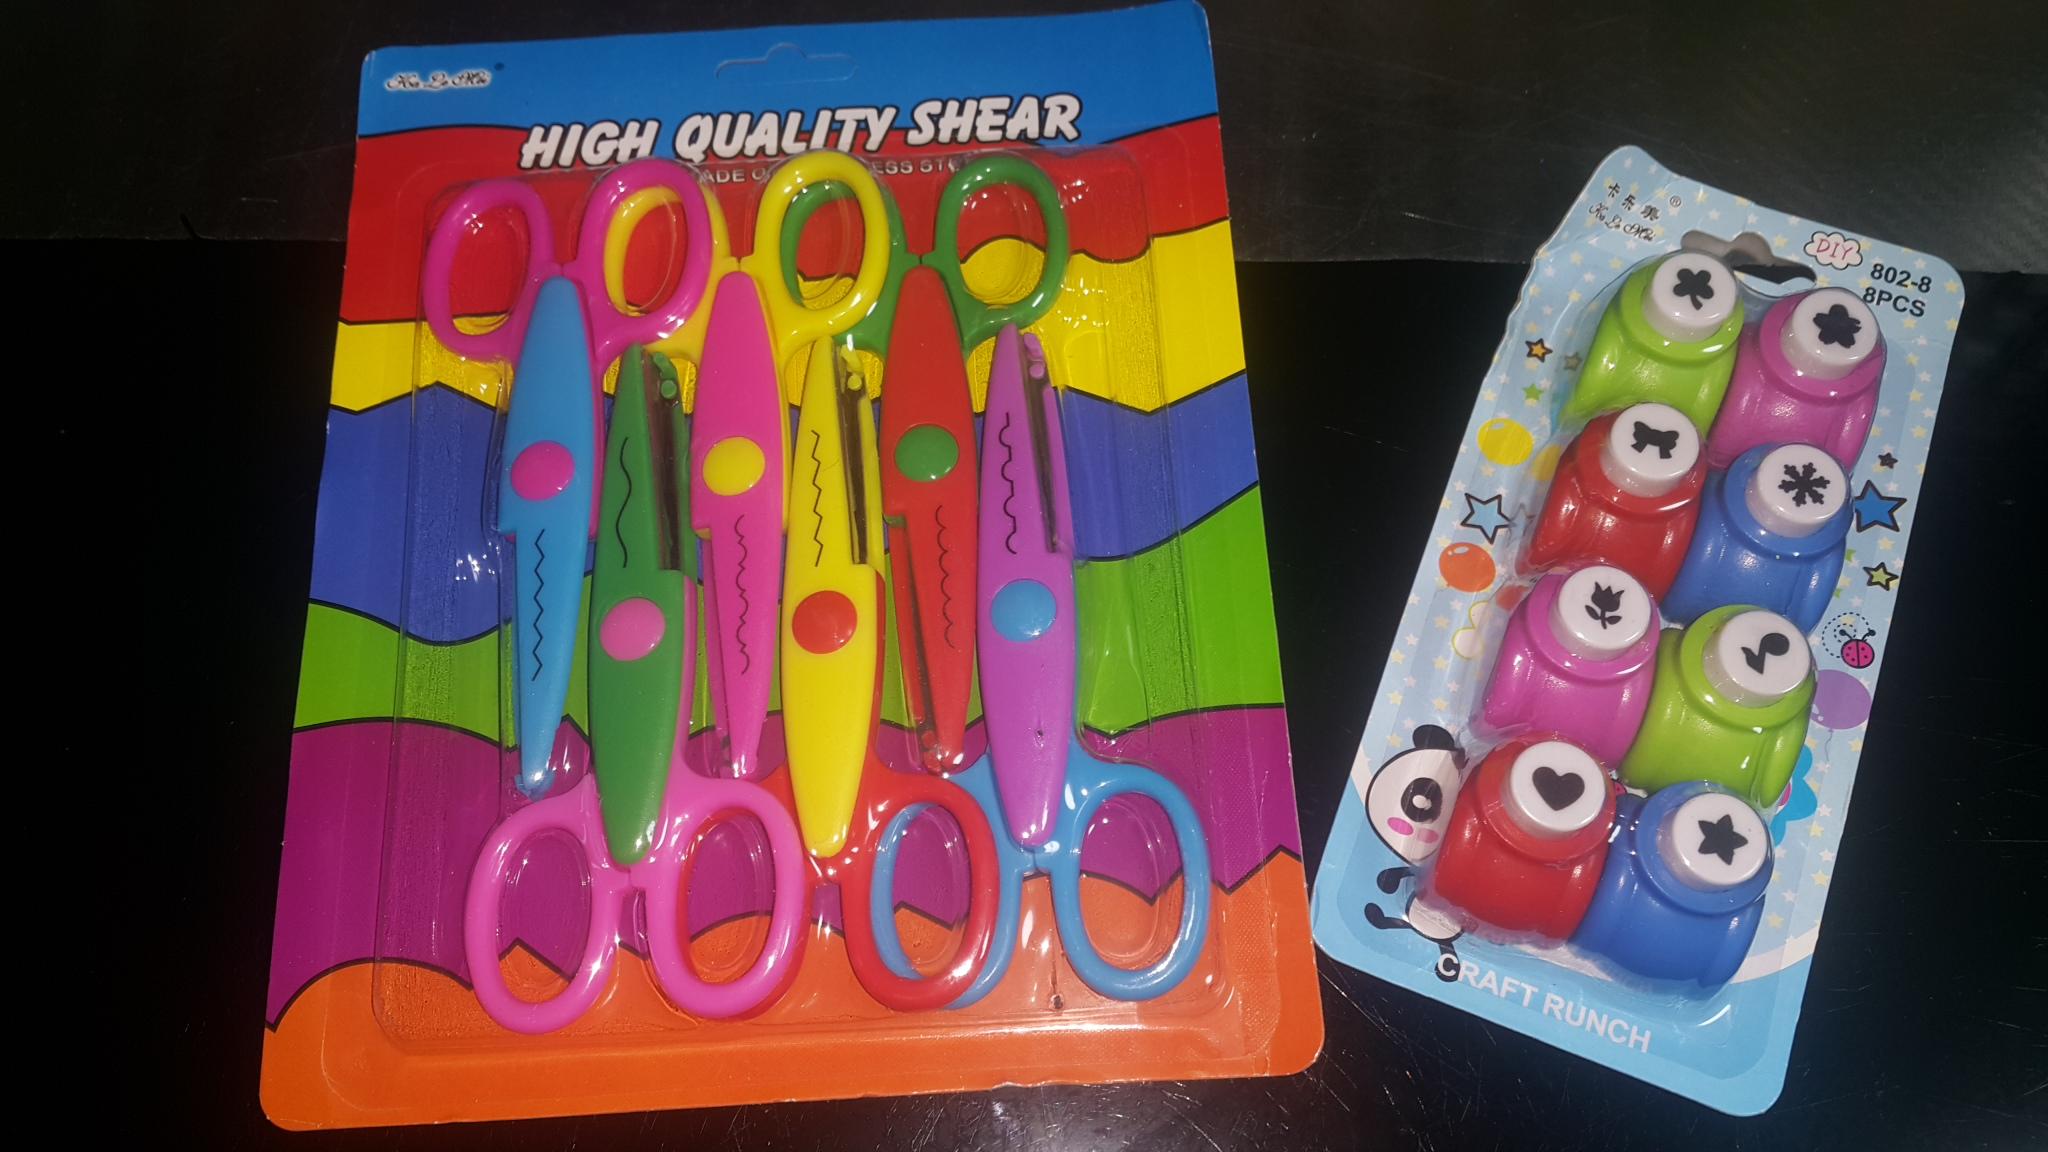 sehr gutes produkt für kinder